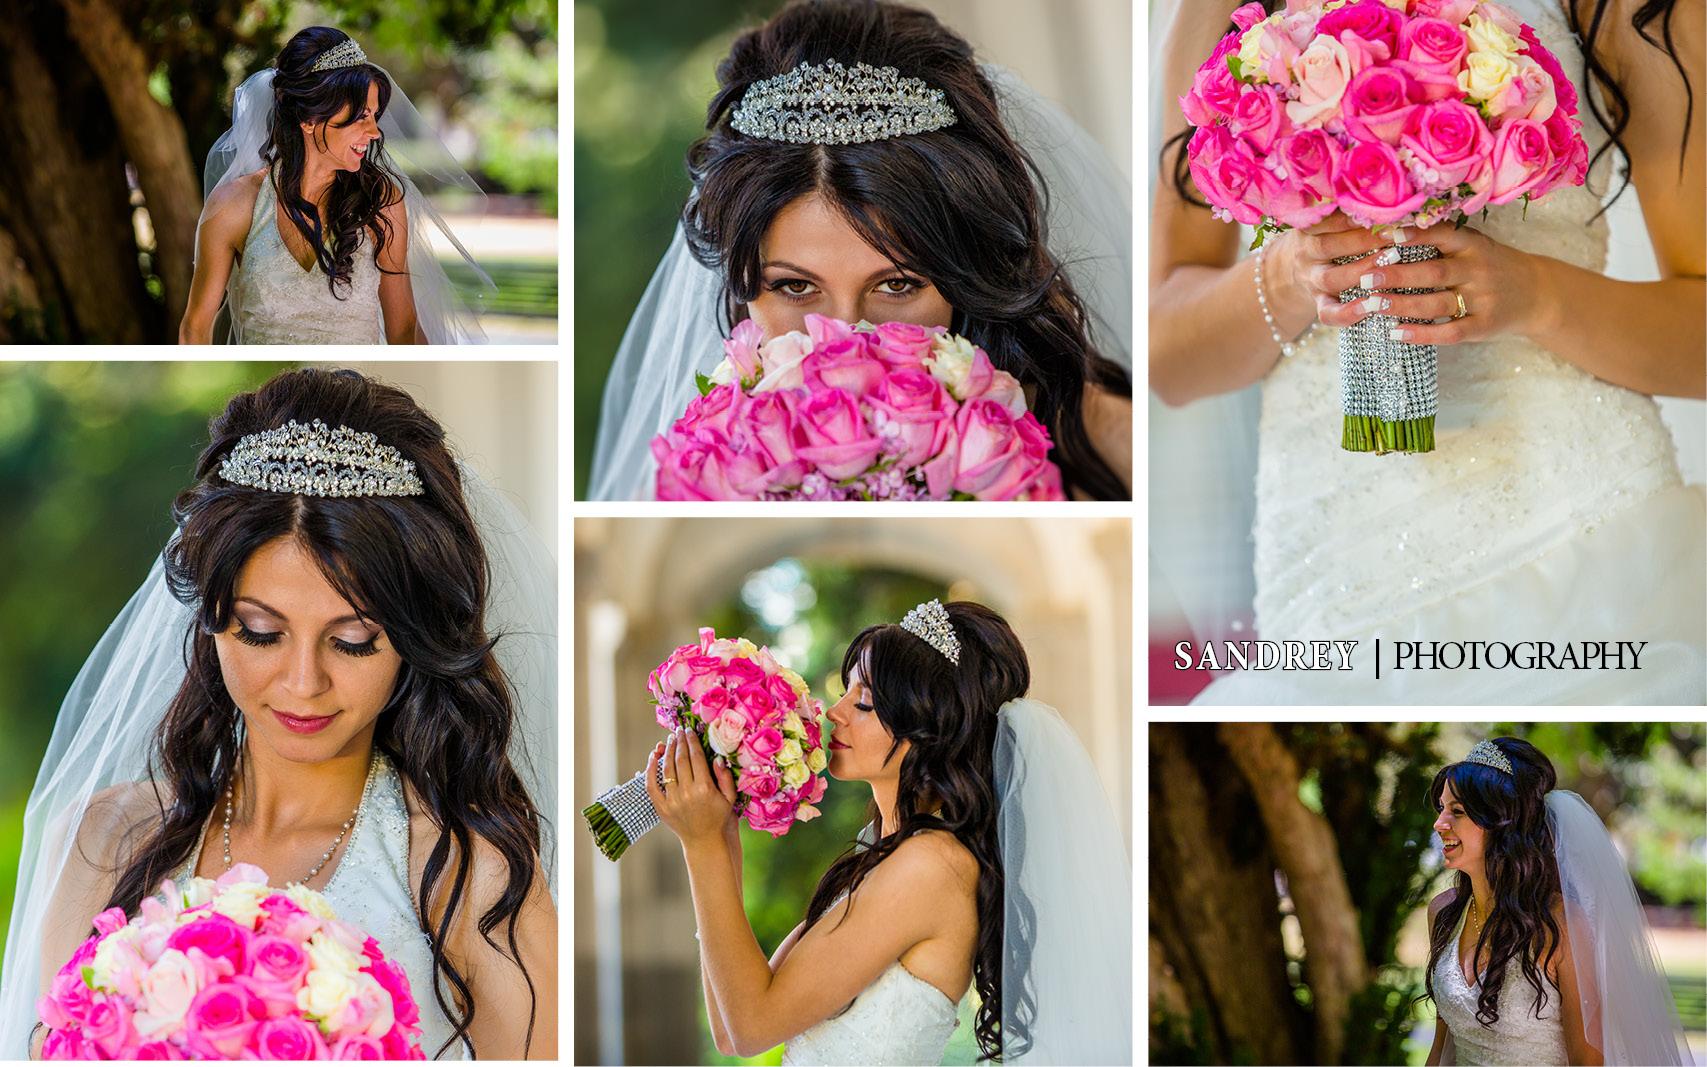 wedding-web-sandreyphotography-II2